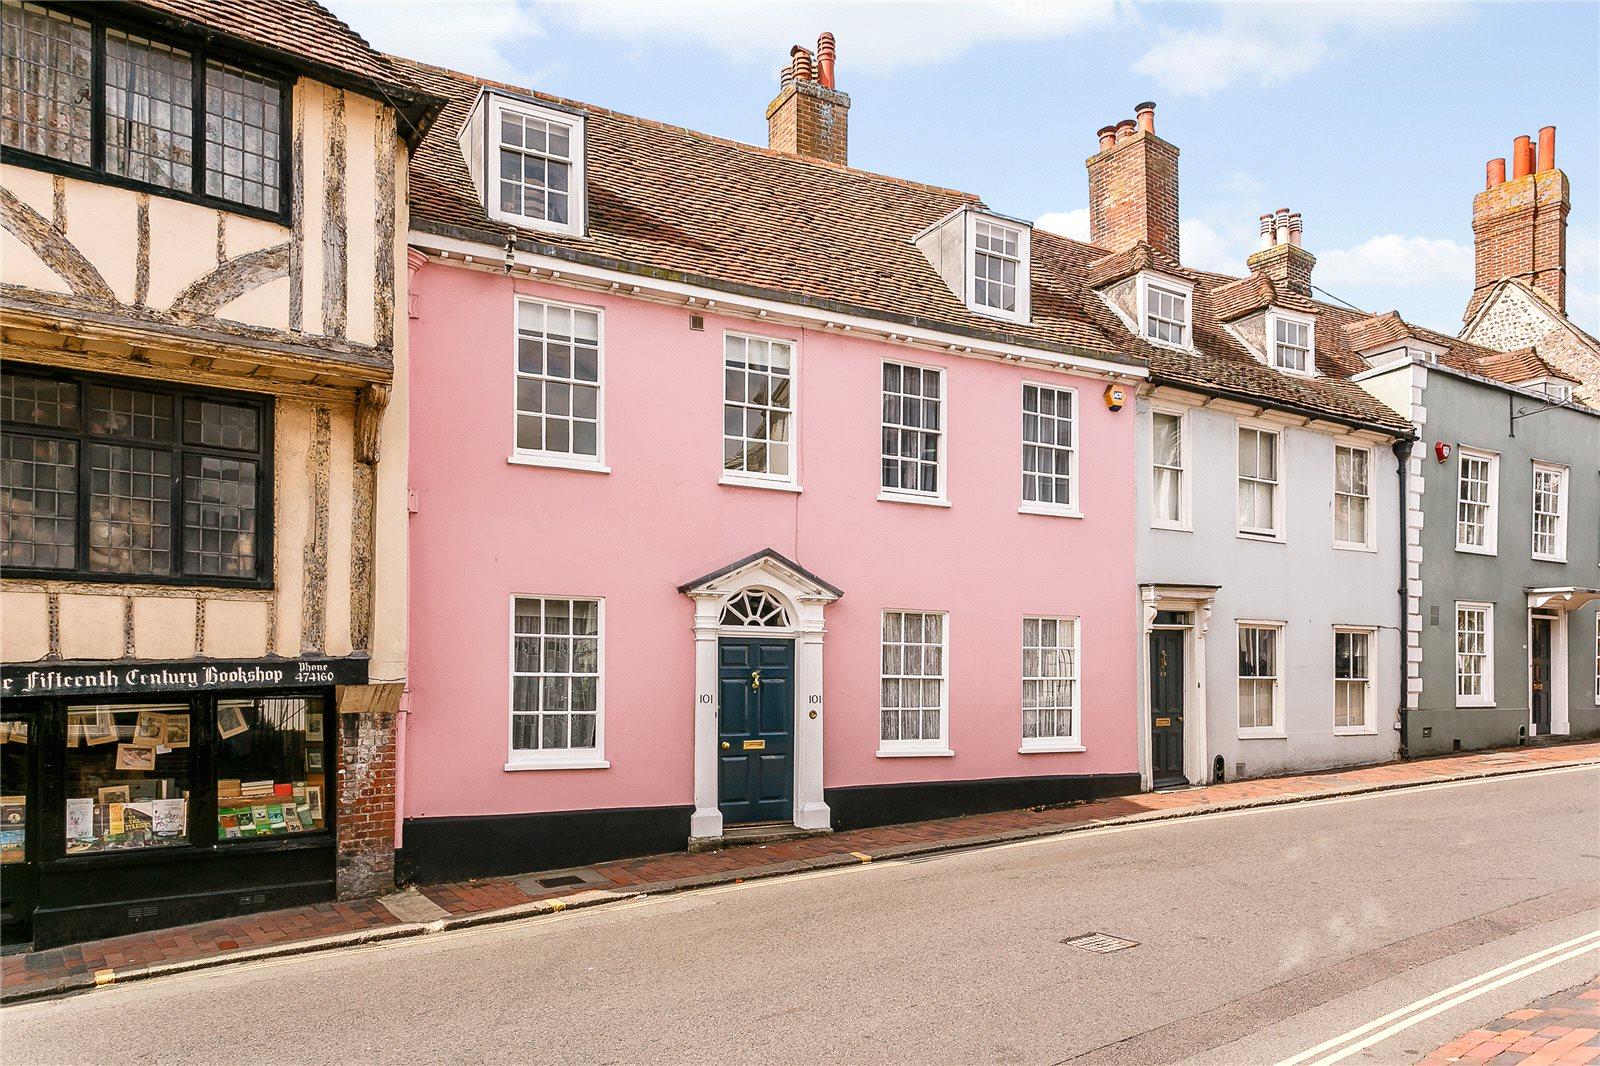 Частный дом для того Продажа на High Street, Lewes, East Sussex, BN7 Lewes, Англия